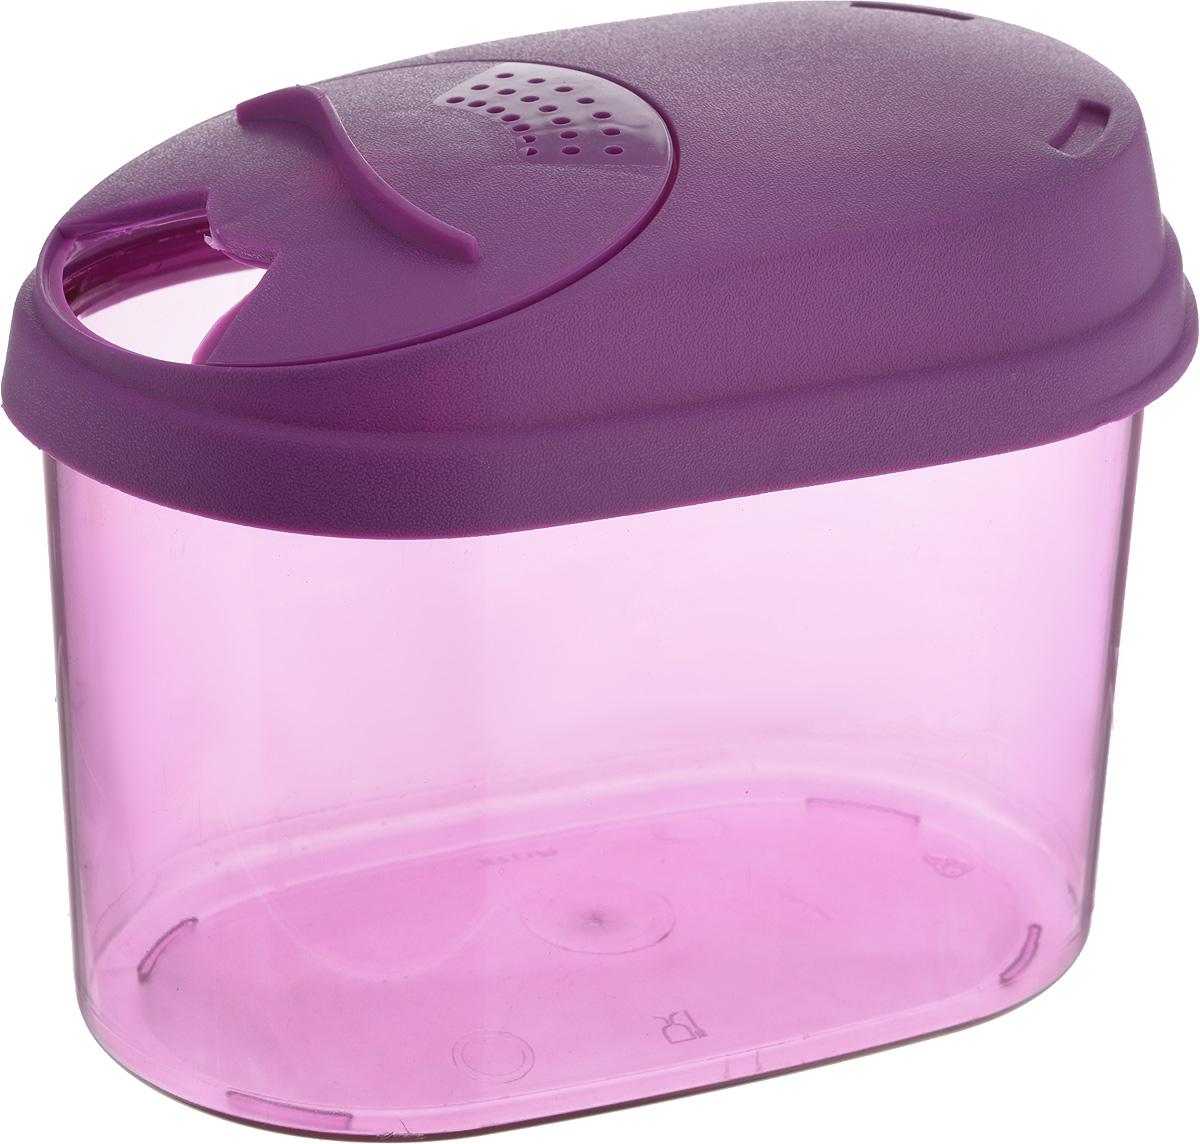 Банка для сыпучих продуктов Giaretti, с дозатором, цвет: фиолетовый, 0,8 лFD-59Банка для сыпучих продуктов Giaretti выполнена из высококачественного пластика. Банка предназначена для хранения круп, сахара, макаронных изделий и в том числе для продуктов с ярким ароматом (специи и прочее). Плотно прилегающая крышка не пропускает запахи содержимого в шкаф для хранения, при этом продукт не теряет своего аромата. Двойной дозатор предназначен для мелких и крупных сыпучих продуктов. Банки легко устанавливаются одна на другую. Можно мыть в посудомоечной машине. Объем: 0,8 л.Размер (по верхнему краю): 14,5 x 8,5 см.Высота (с учетом крышки): 11 см.